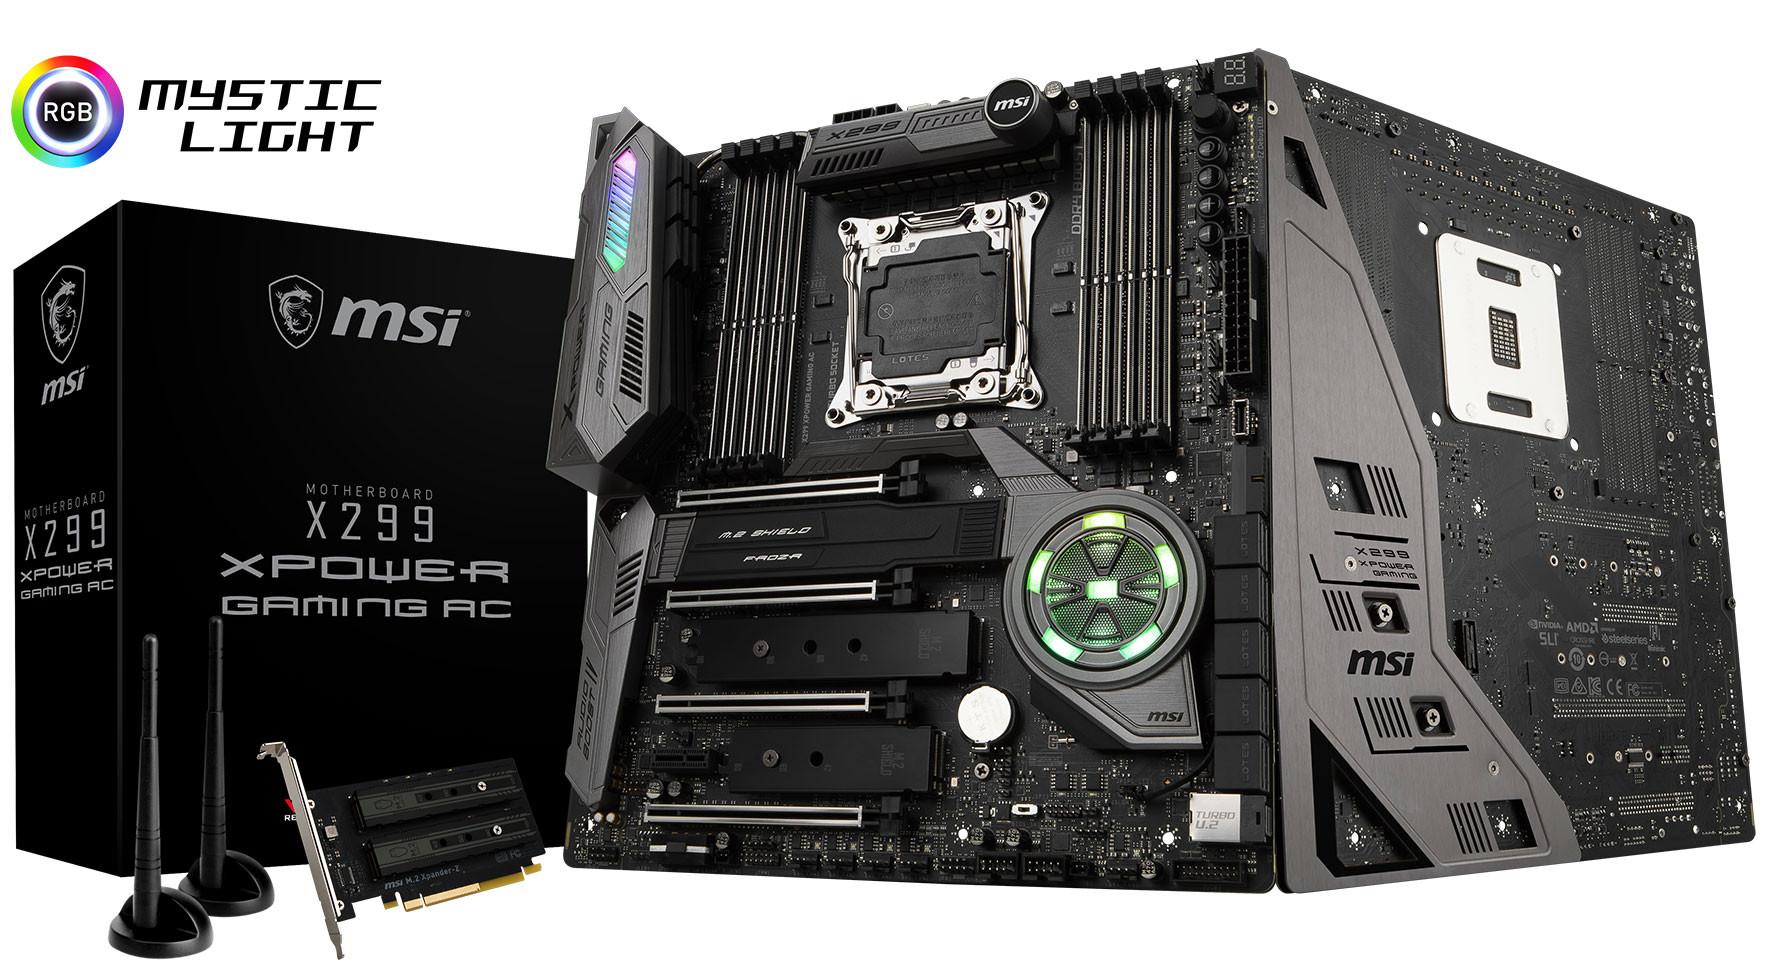 شرکت MSI پرچمدار جدید خود X299 XPower Gaming AC را معرفی کرد؛ بازگشت گلادیاتور